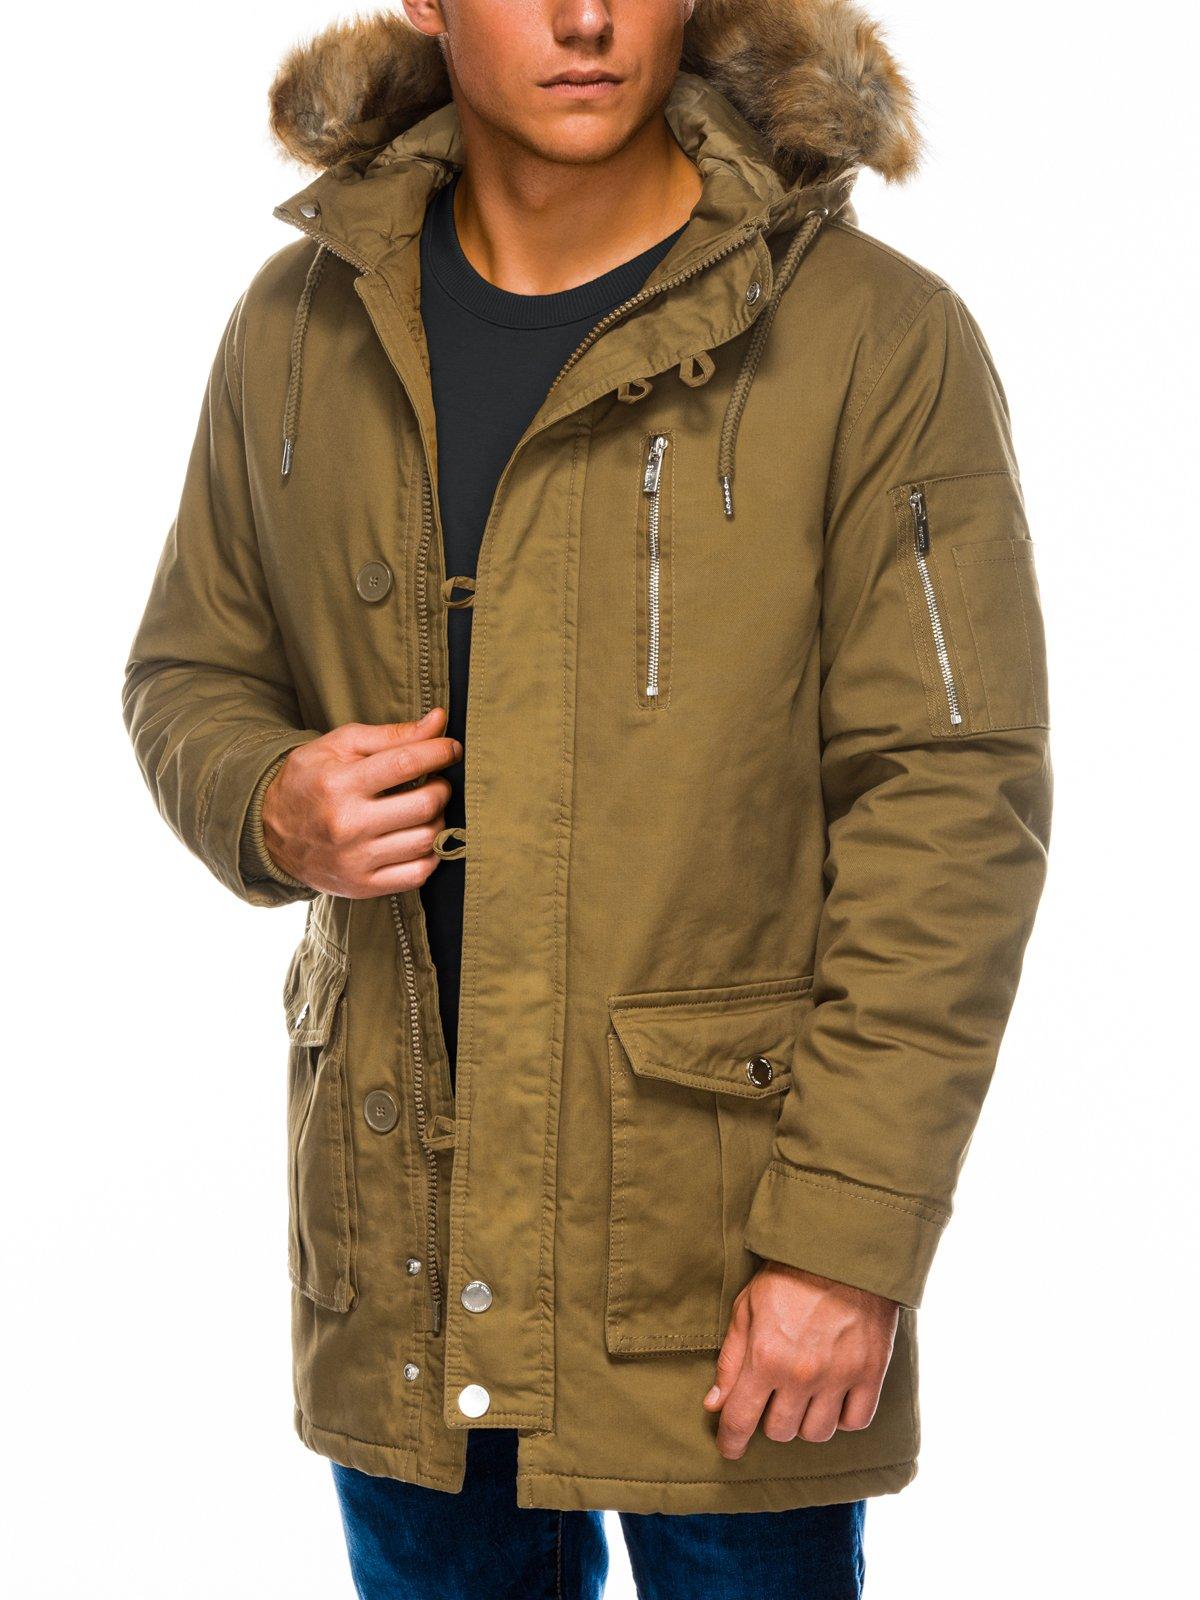 Купить Куртка чоловіча зимова парка C365 - оливкова, Ombre Clothing